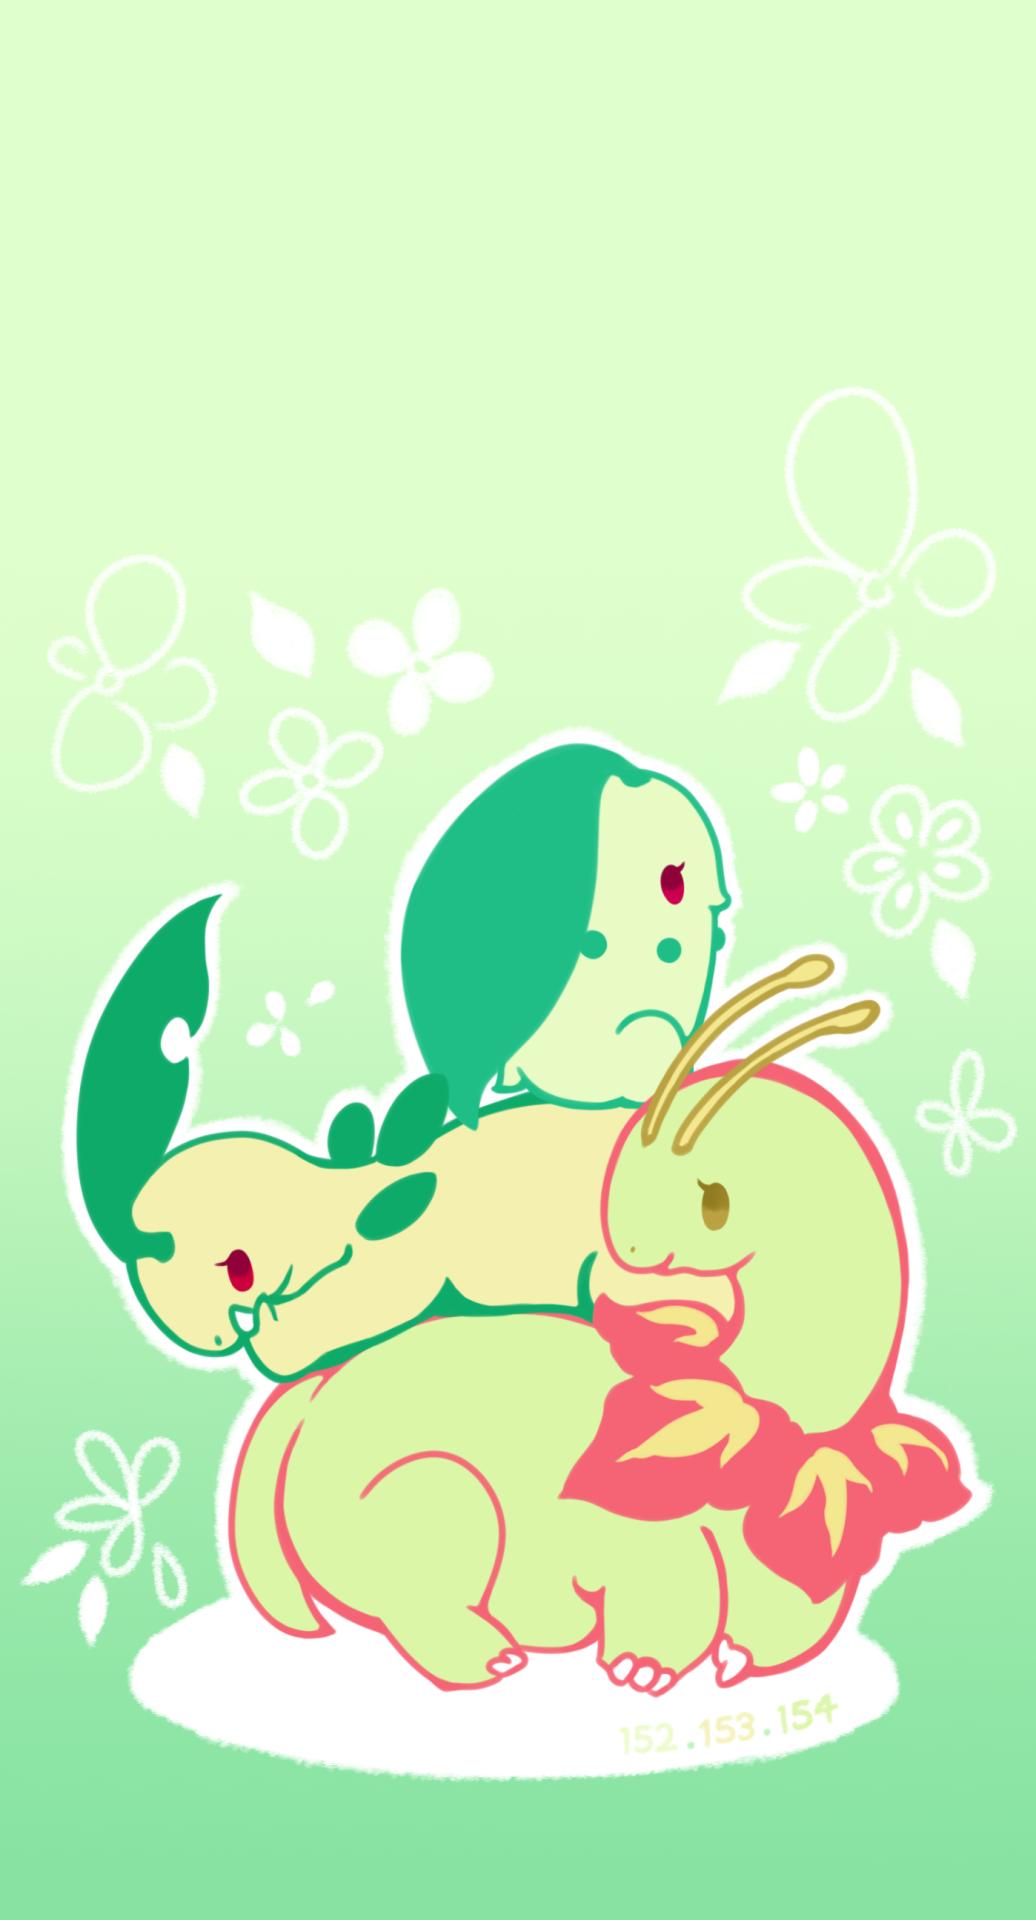 Pin by :// on Meganium! | Pinterest | Pokémon